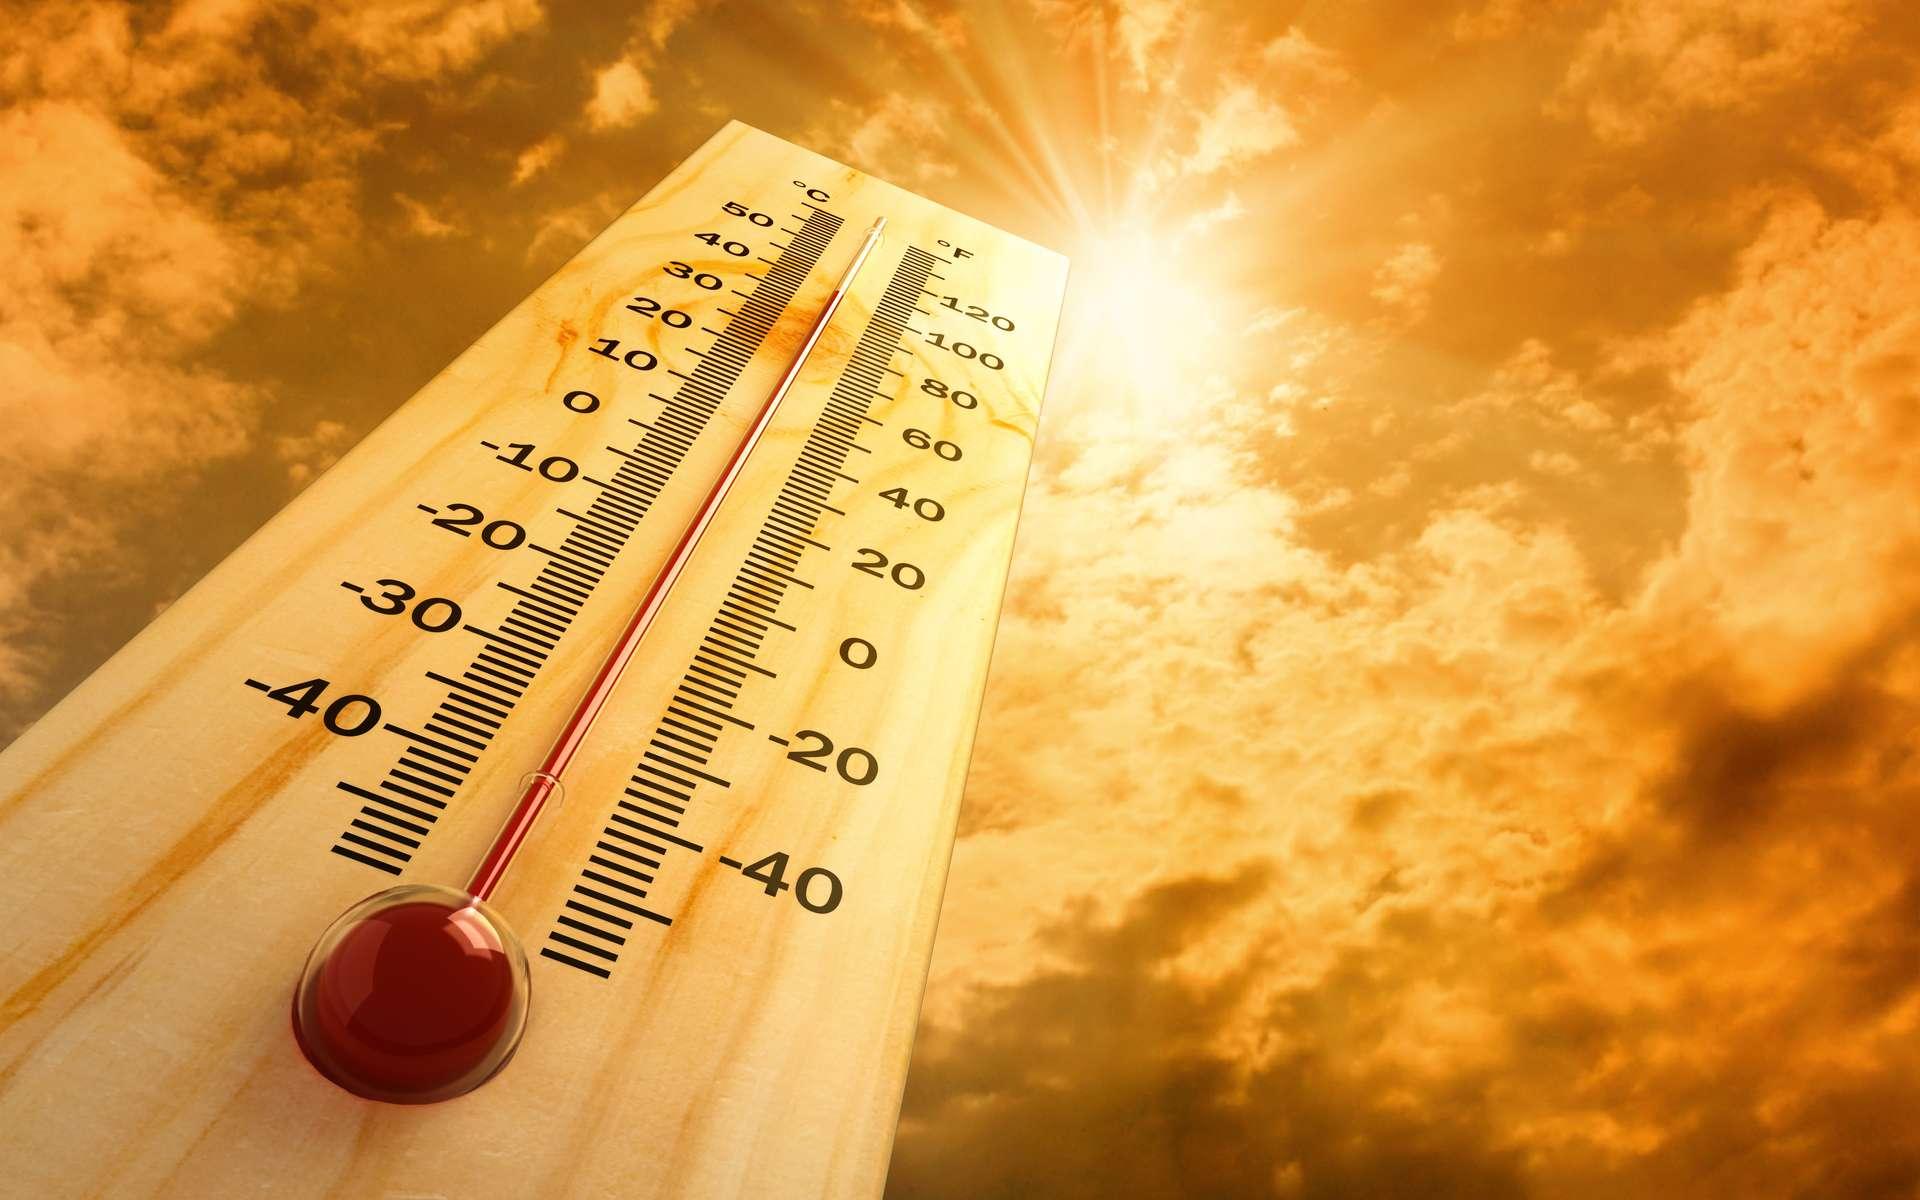 Le stress thermique pourrait toucher 1 milliard de personnes d'ici 2100 si nous ne faisons rien. © vladischern, Adobe Stock